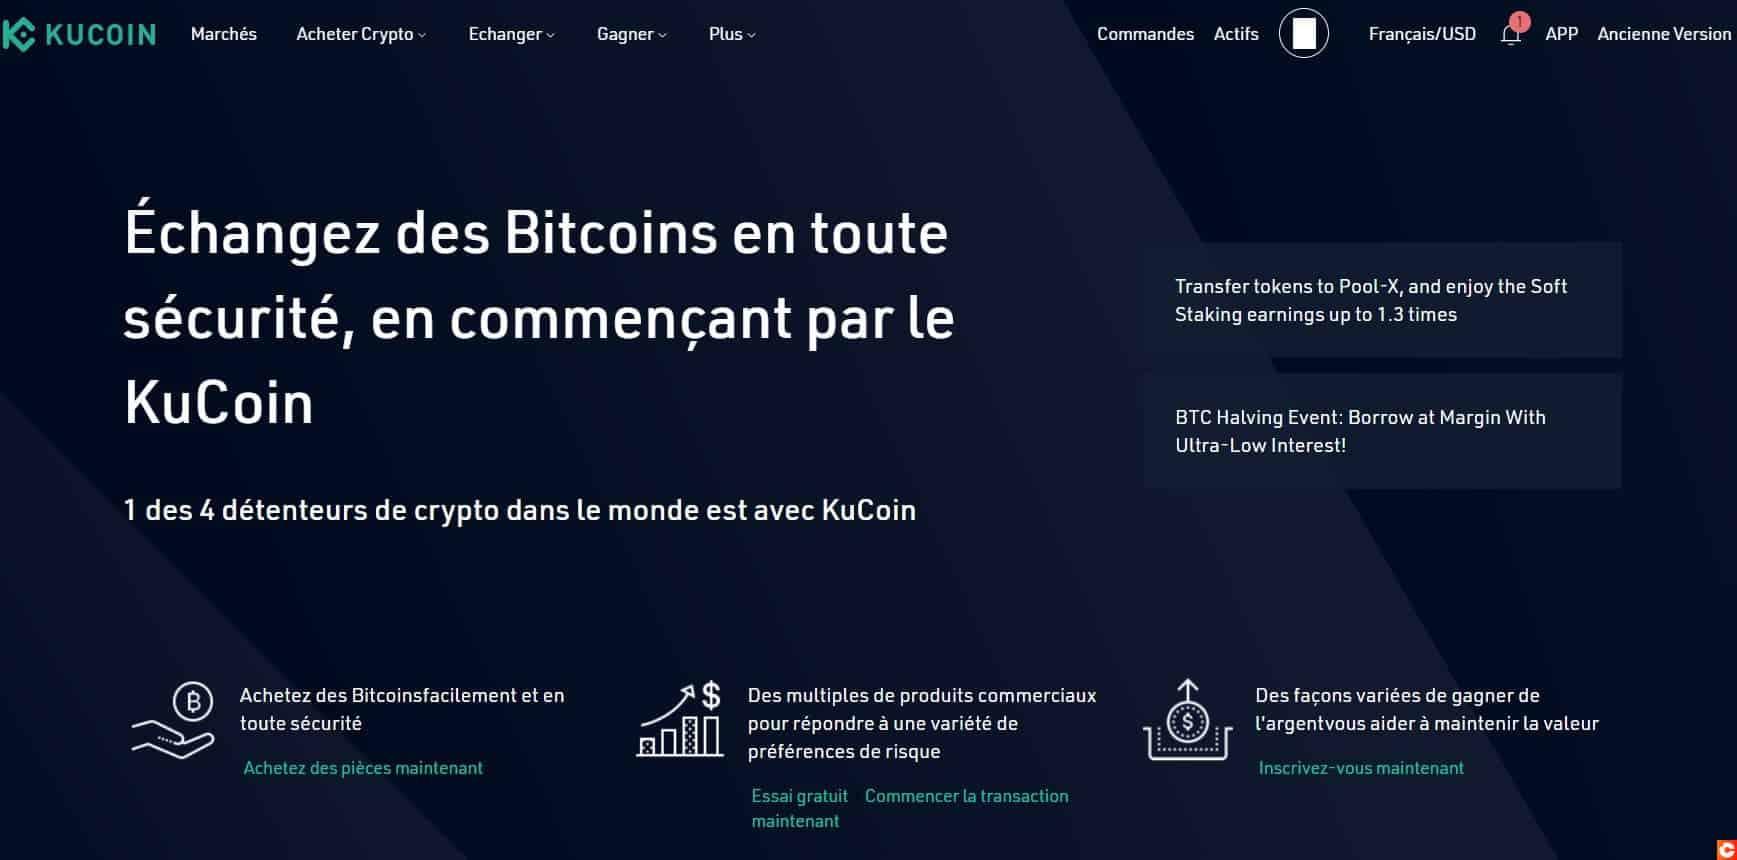 Commencez par aller sur la page de présentation de KuCoin